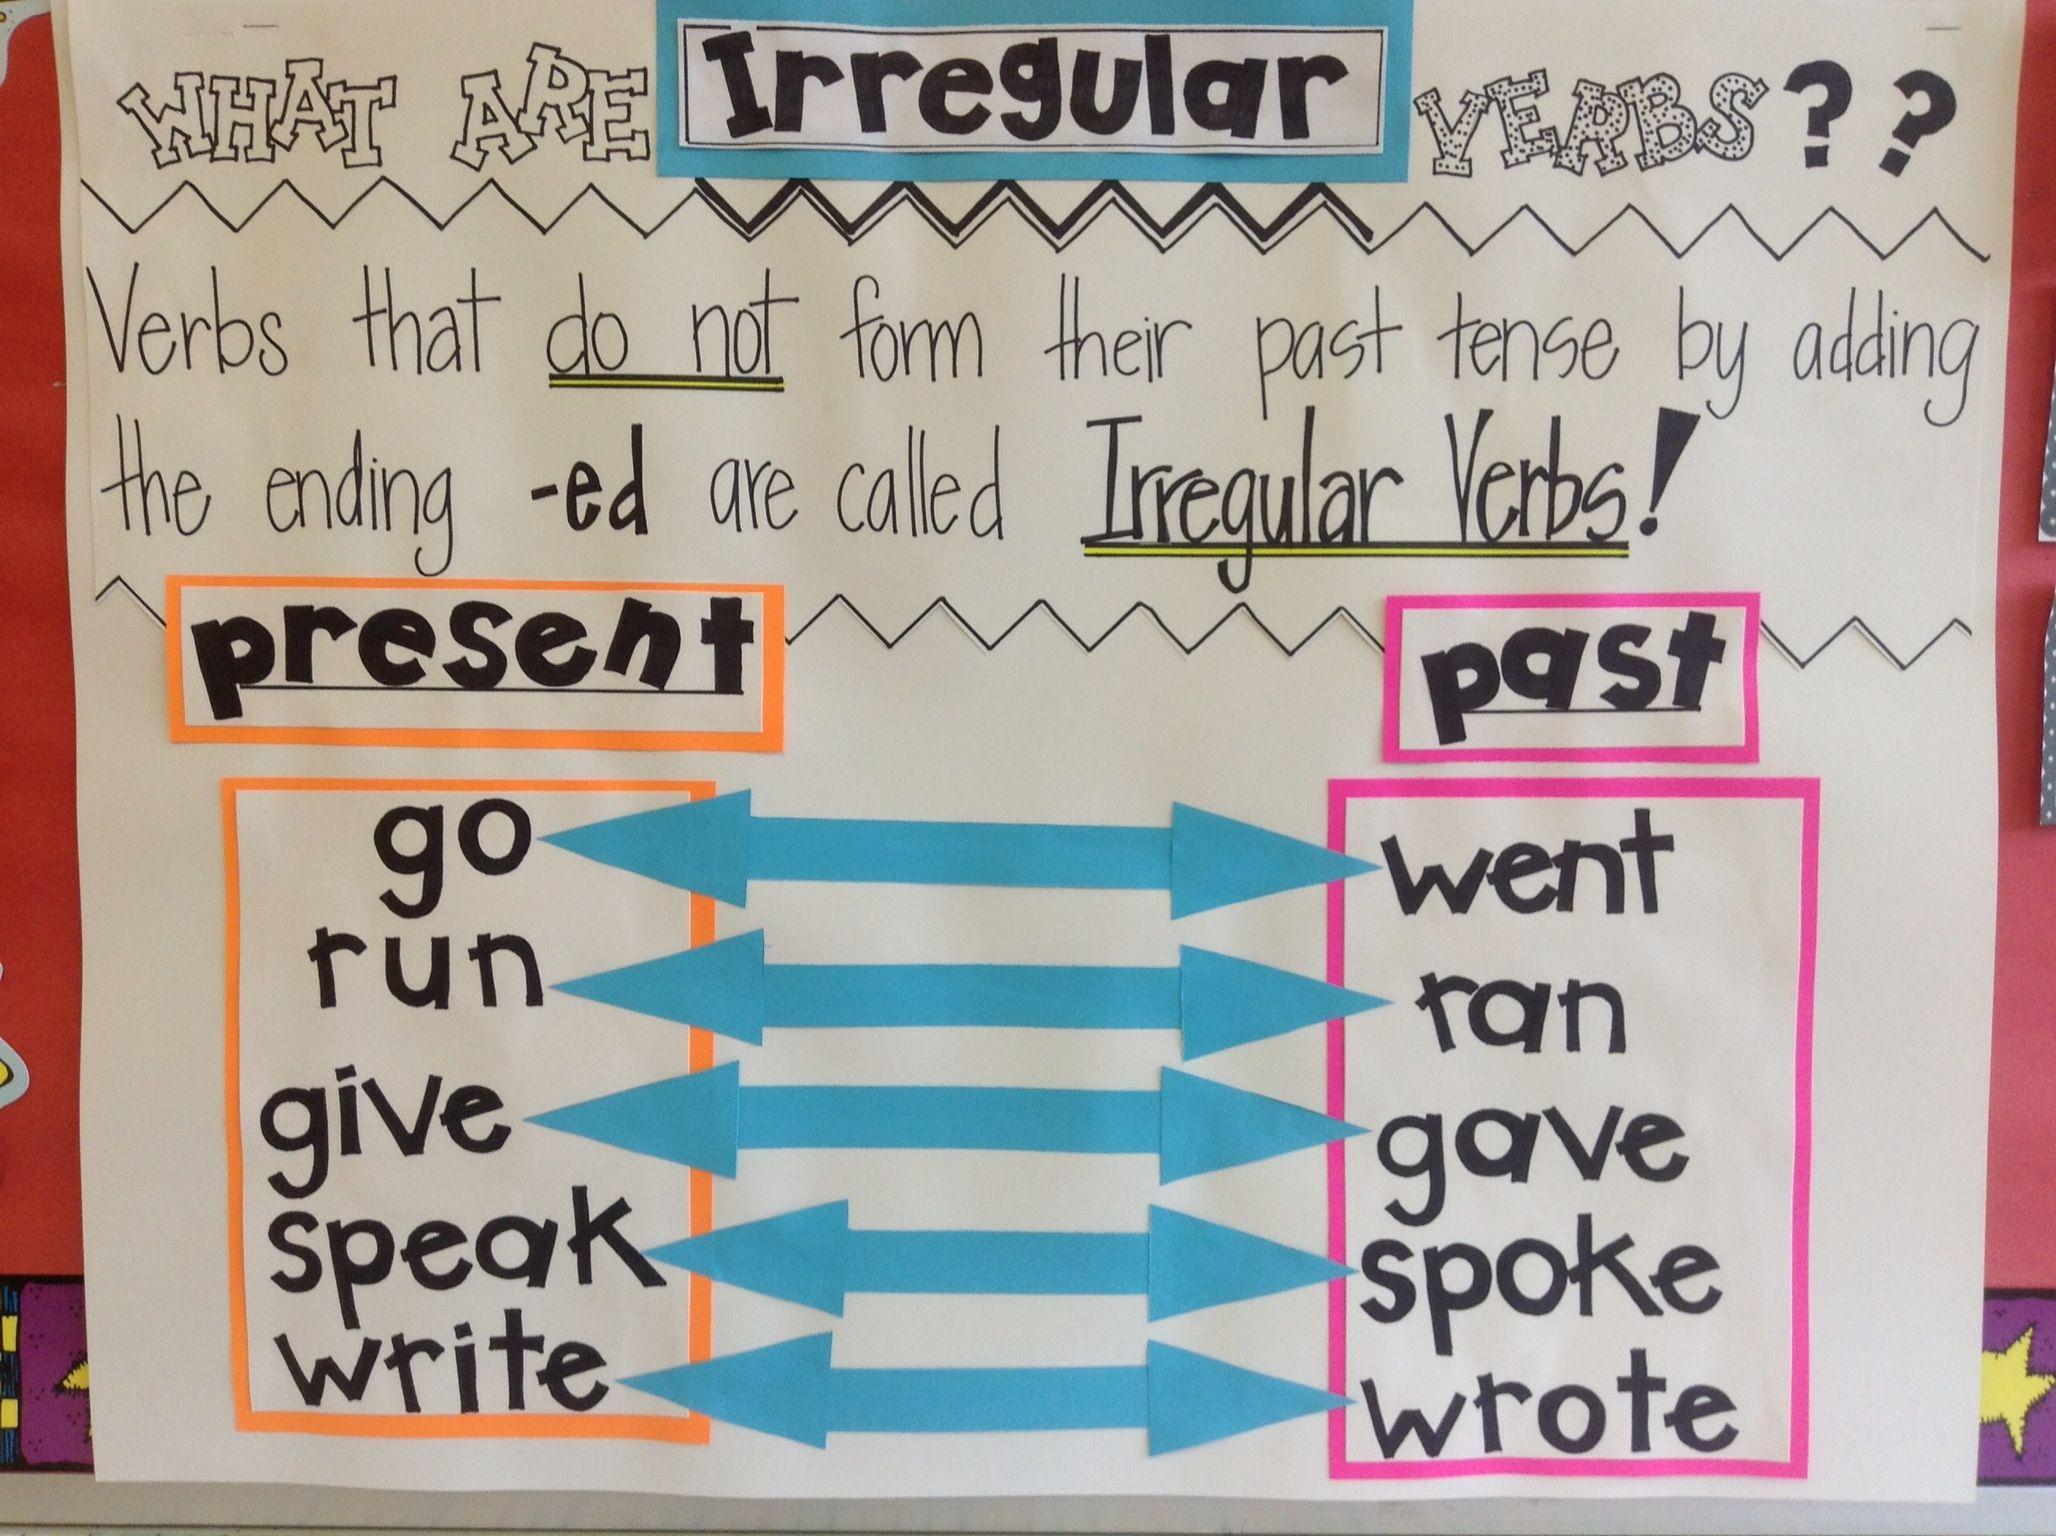 Irregular Verbs Poster Teaching